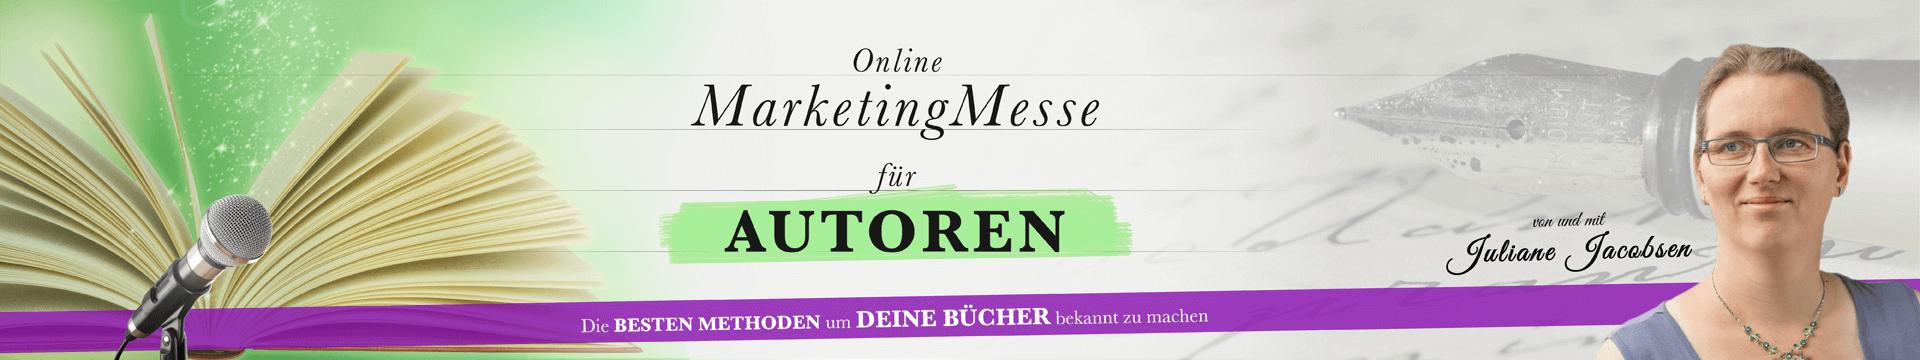 1. MarketingMesse für Autoren